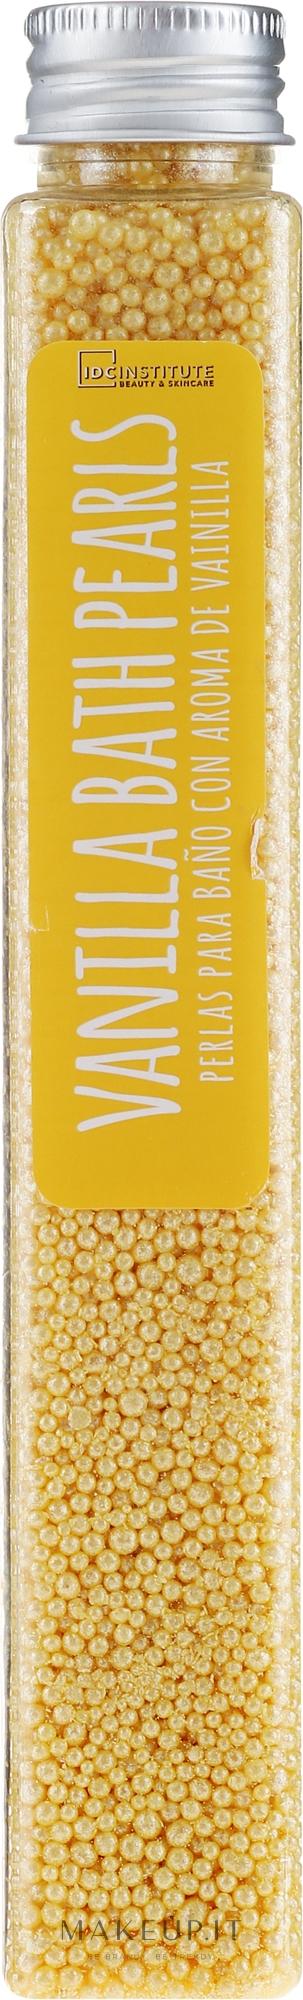 """Perle da bagno """"Vanilla"""" - IDC Institute Bath Pearls Vanilla — foto 90 g"""